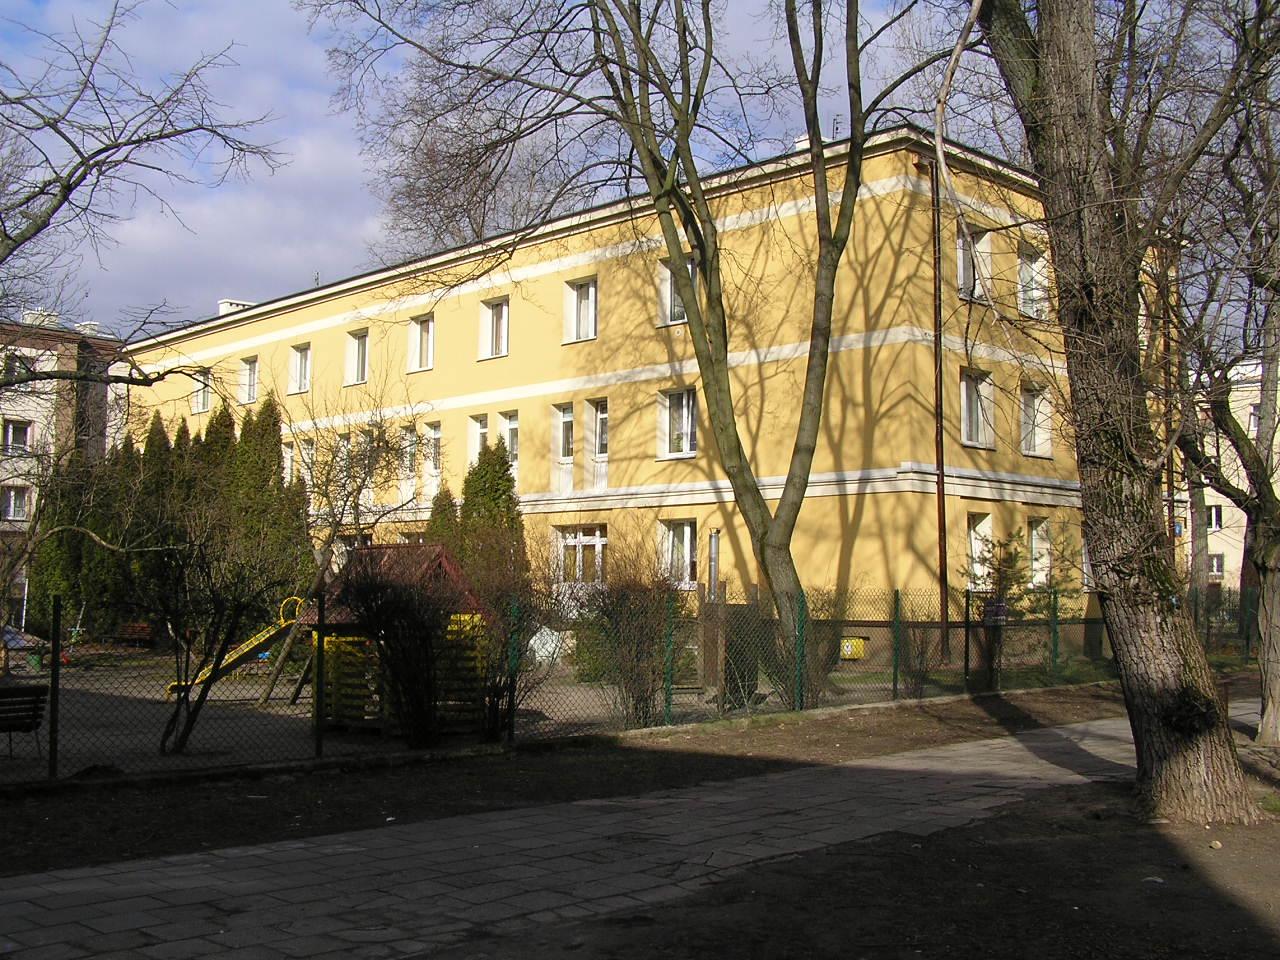 Budynek przy ulicy Tadeusza Sygietyńskiego 4A na Grochowie